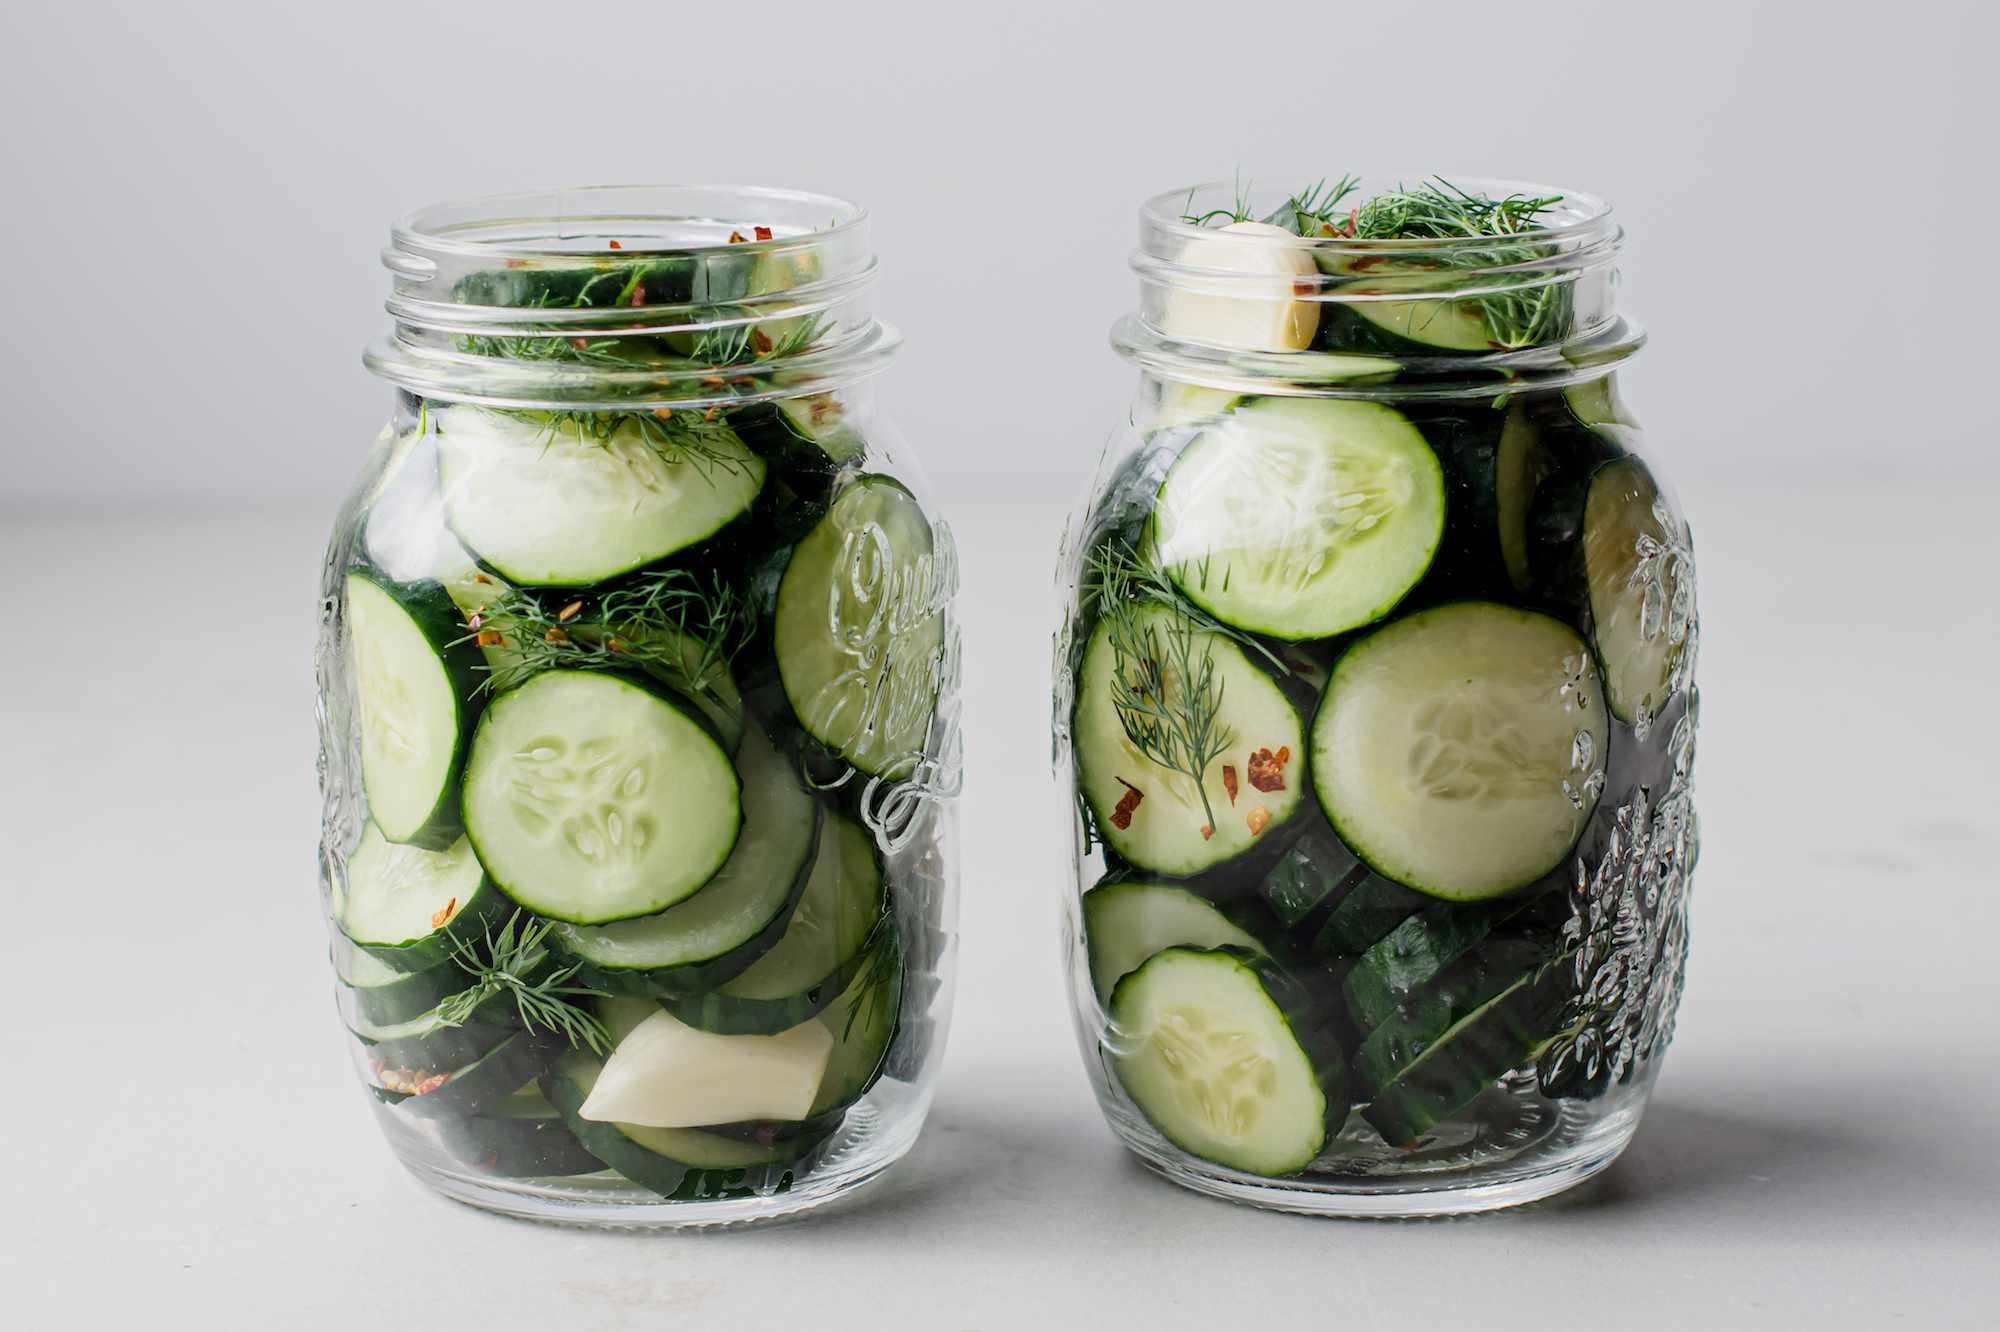 Cucumbers in jar